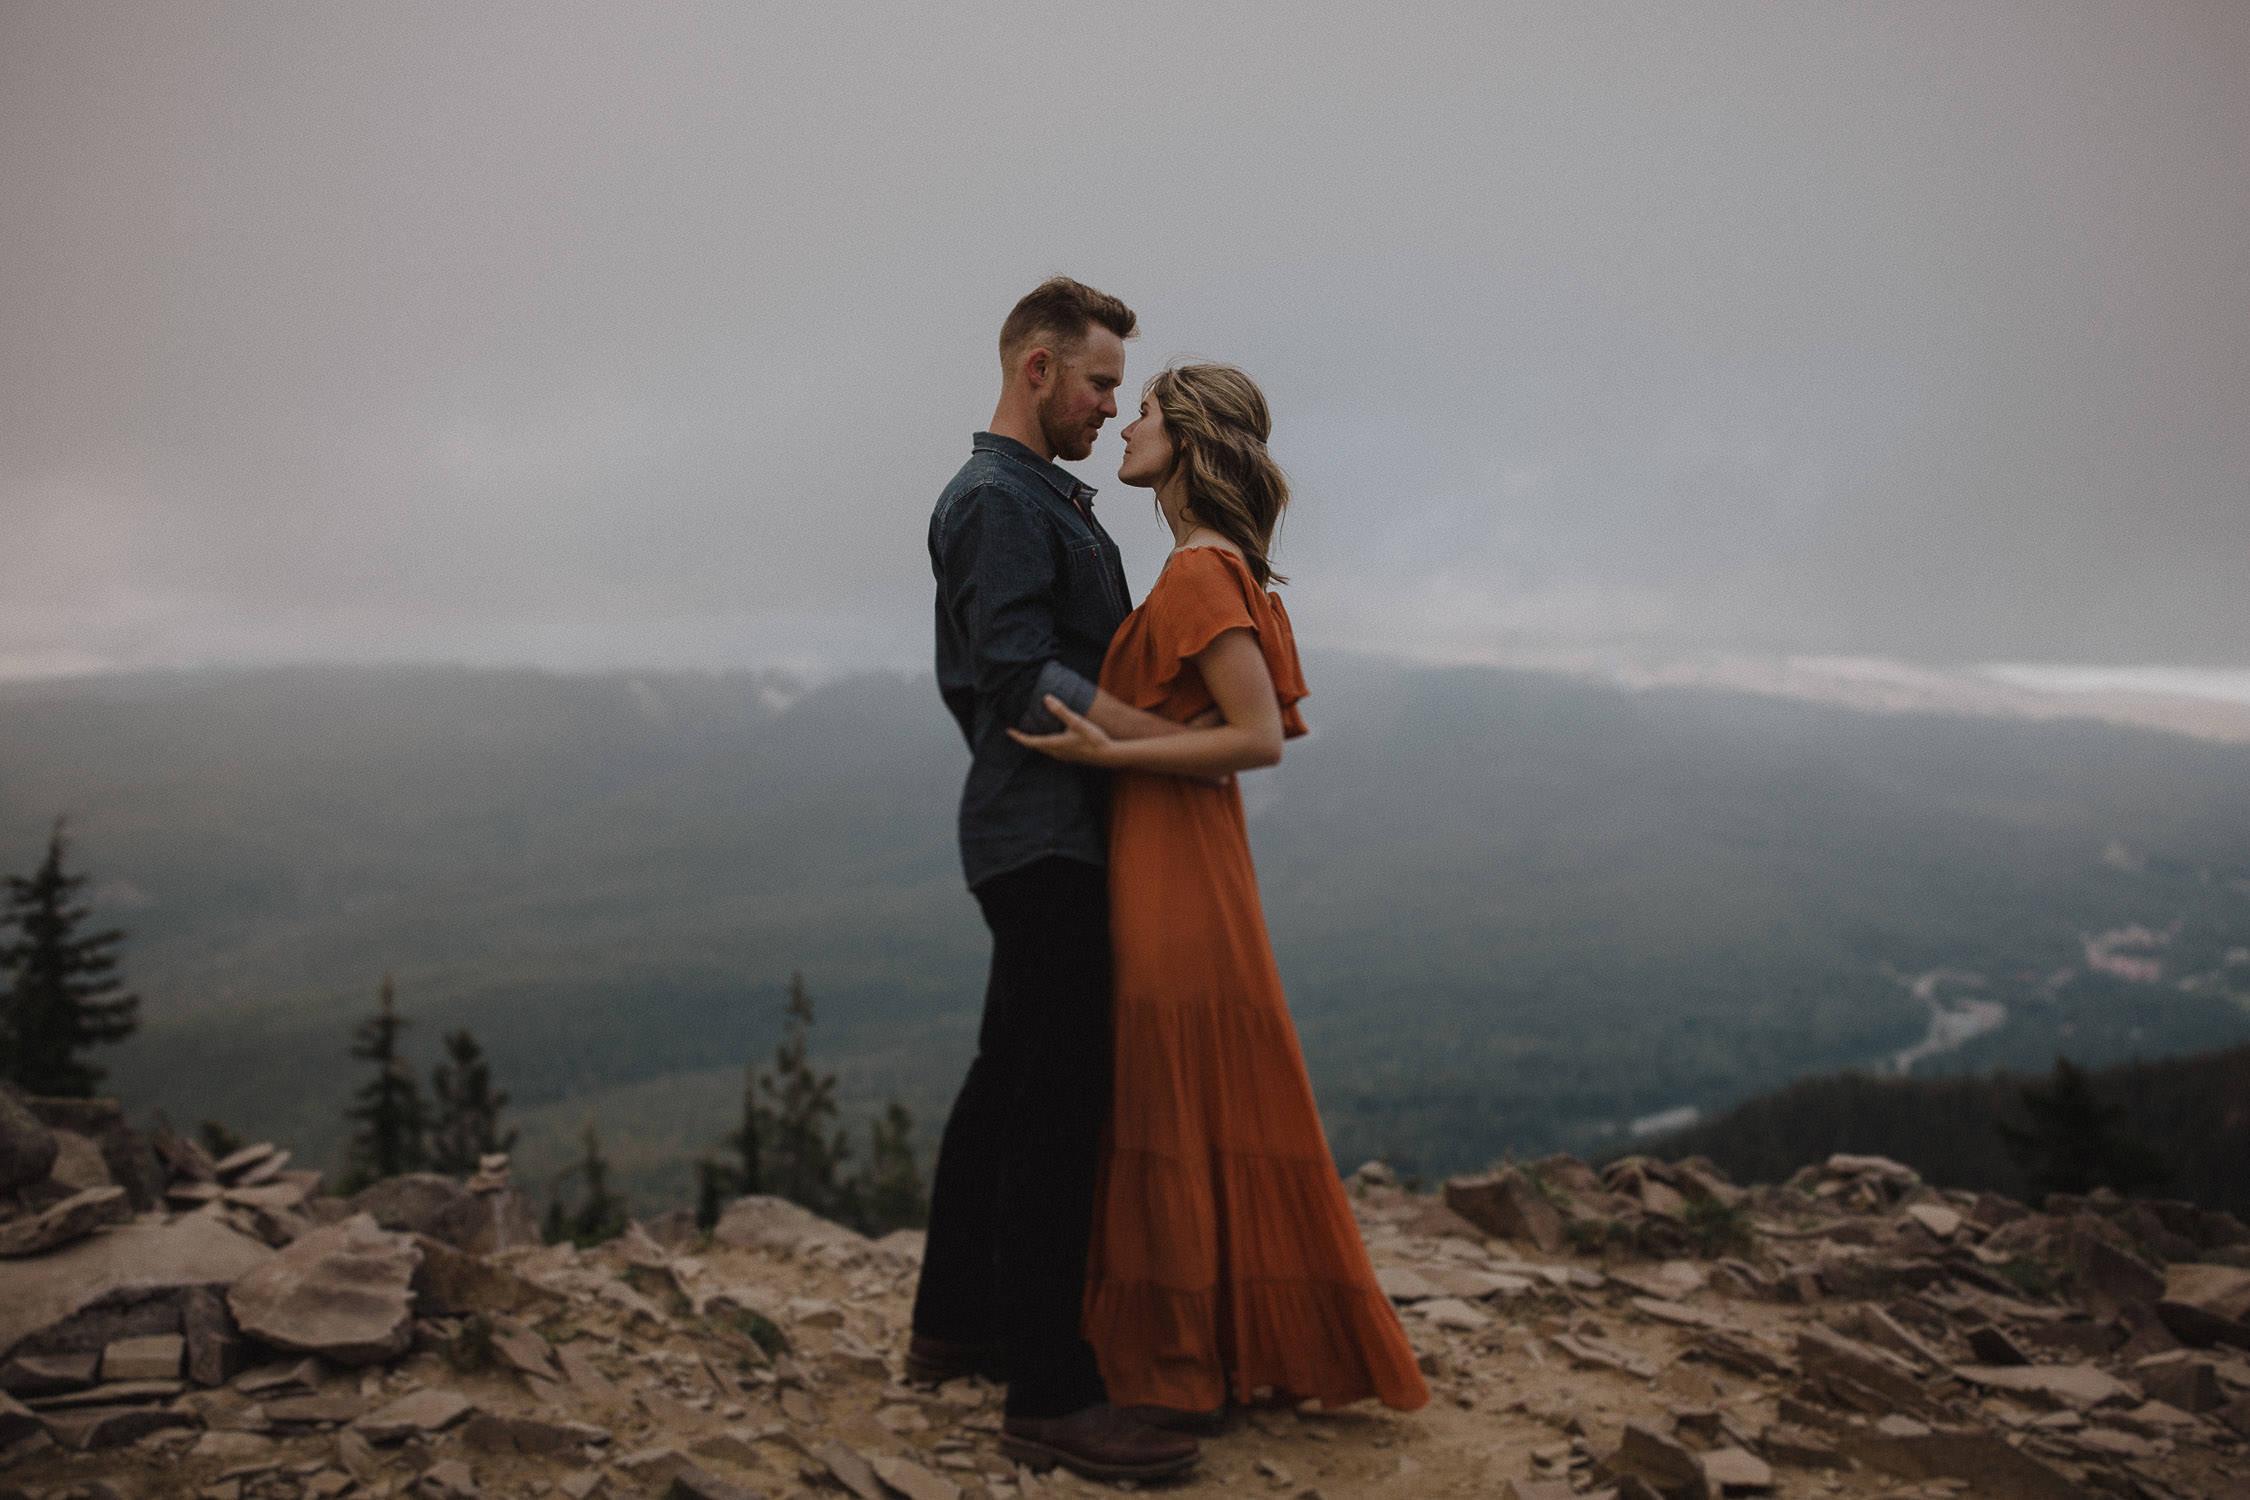 chicago-illinois-wedding-engagement-elopement-photographer-kyle-szeto-photography-34